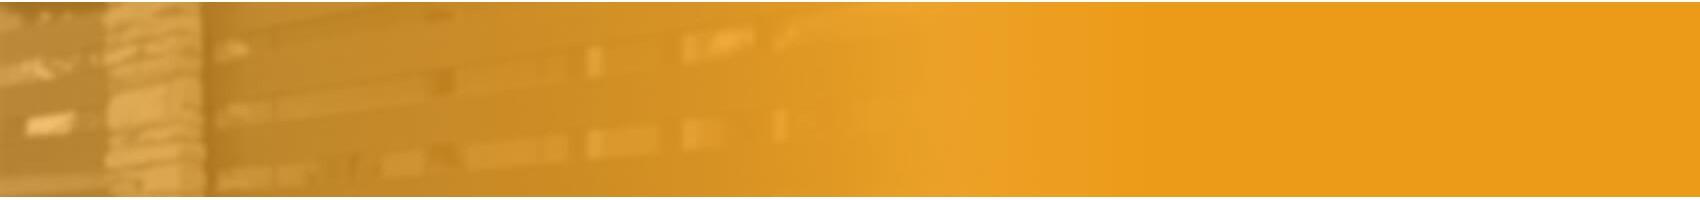 Warzywnik w skrzyniach - producent, pojemnik na warzywnik   Styrobud